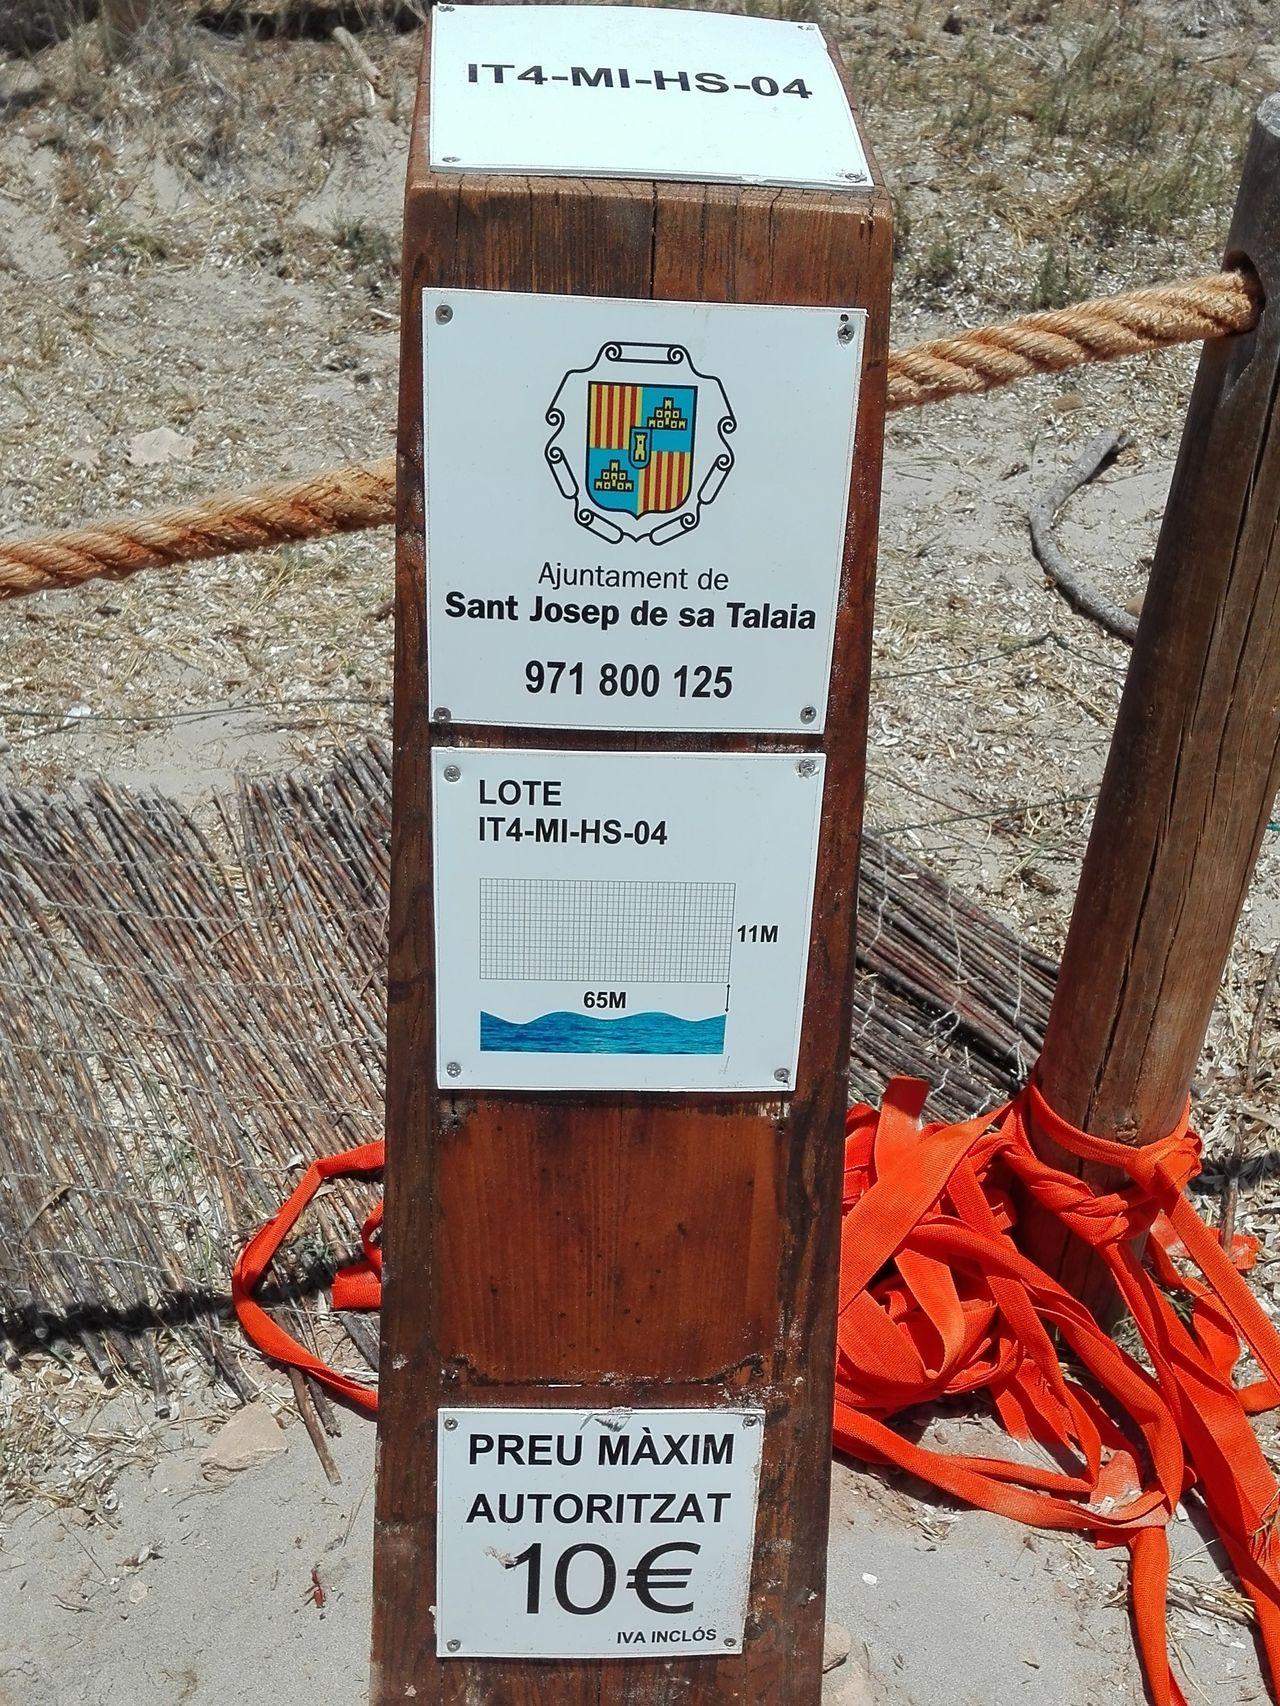 Tótem junto al Malibú, con la placa arrancada. Foto: Noemí López